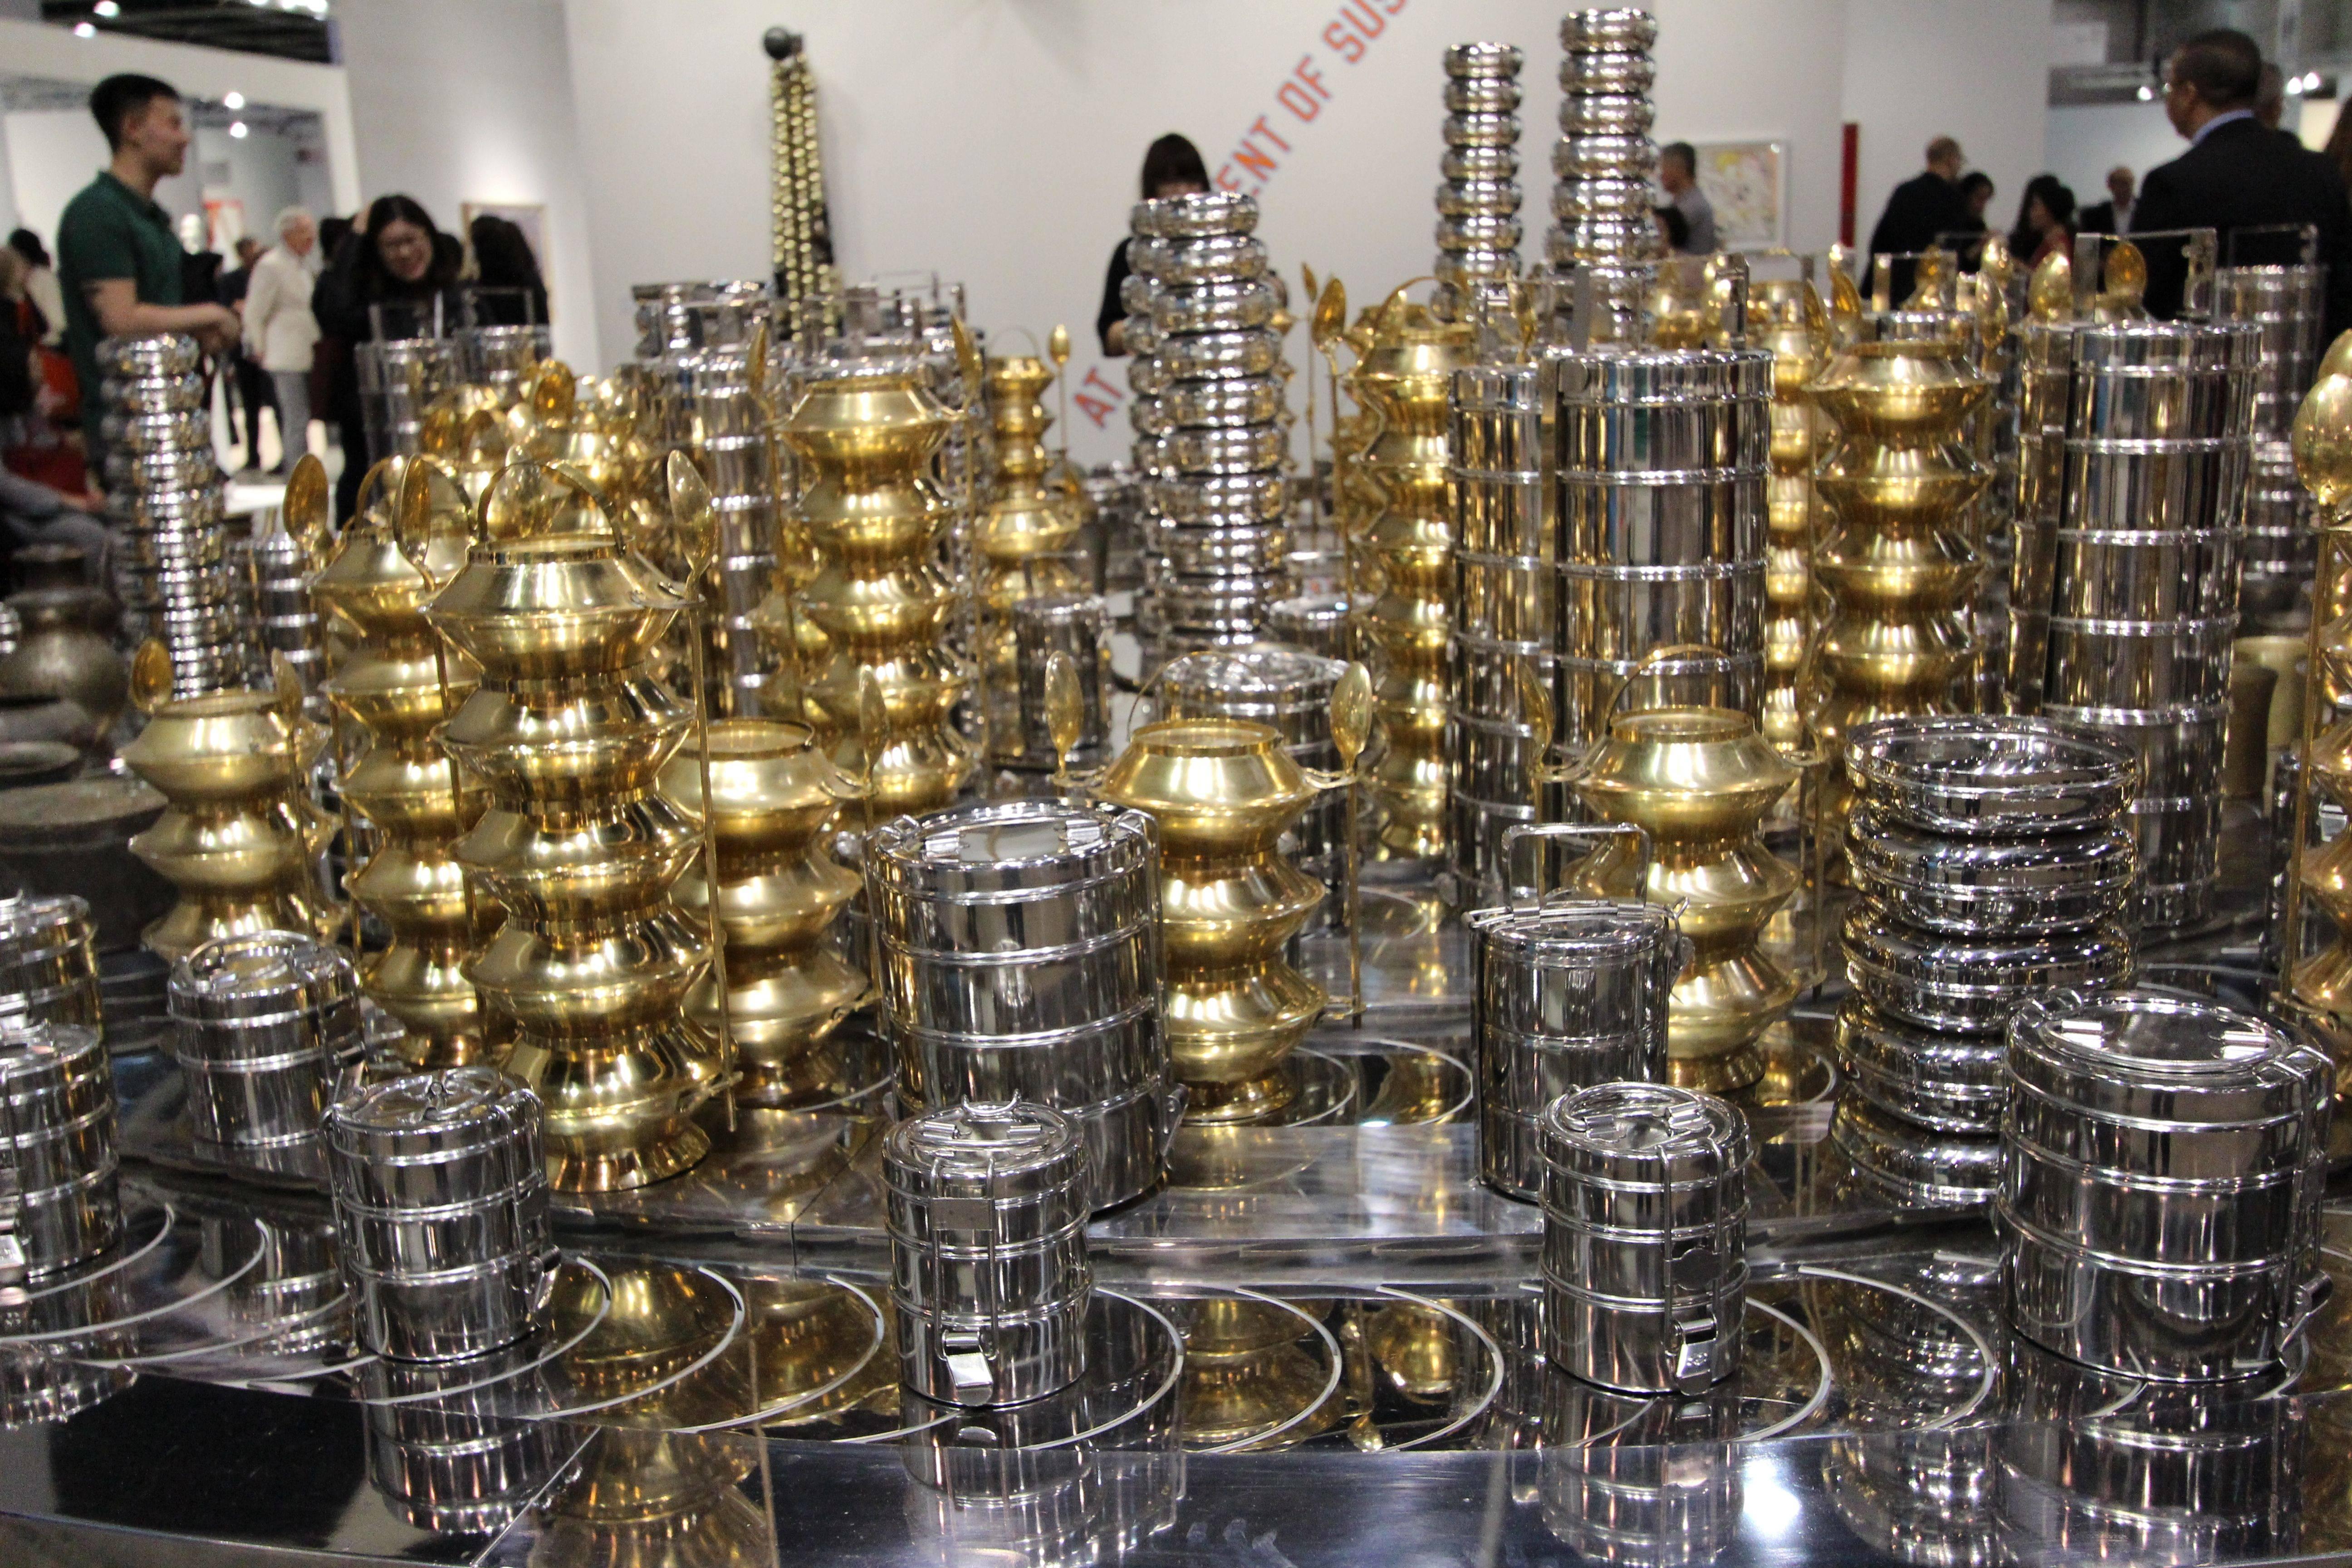 印度藝術家Subodh Gupta《Start.Stop.》